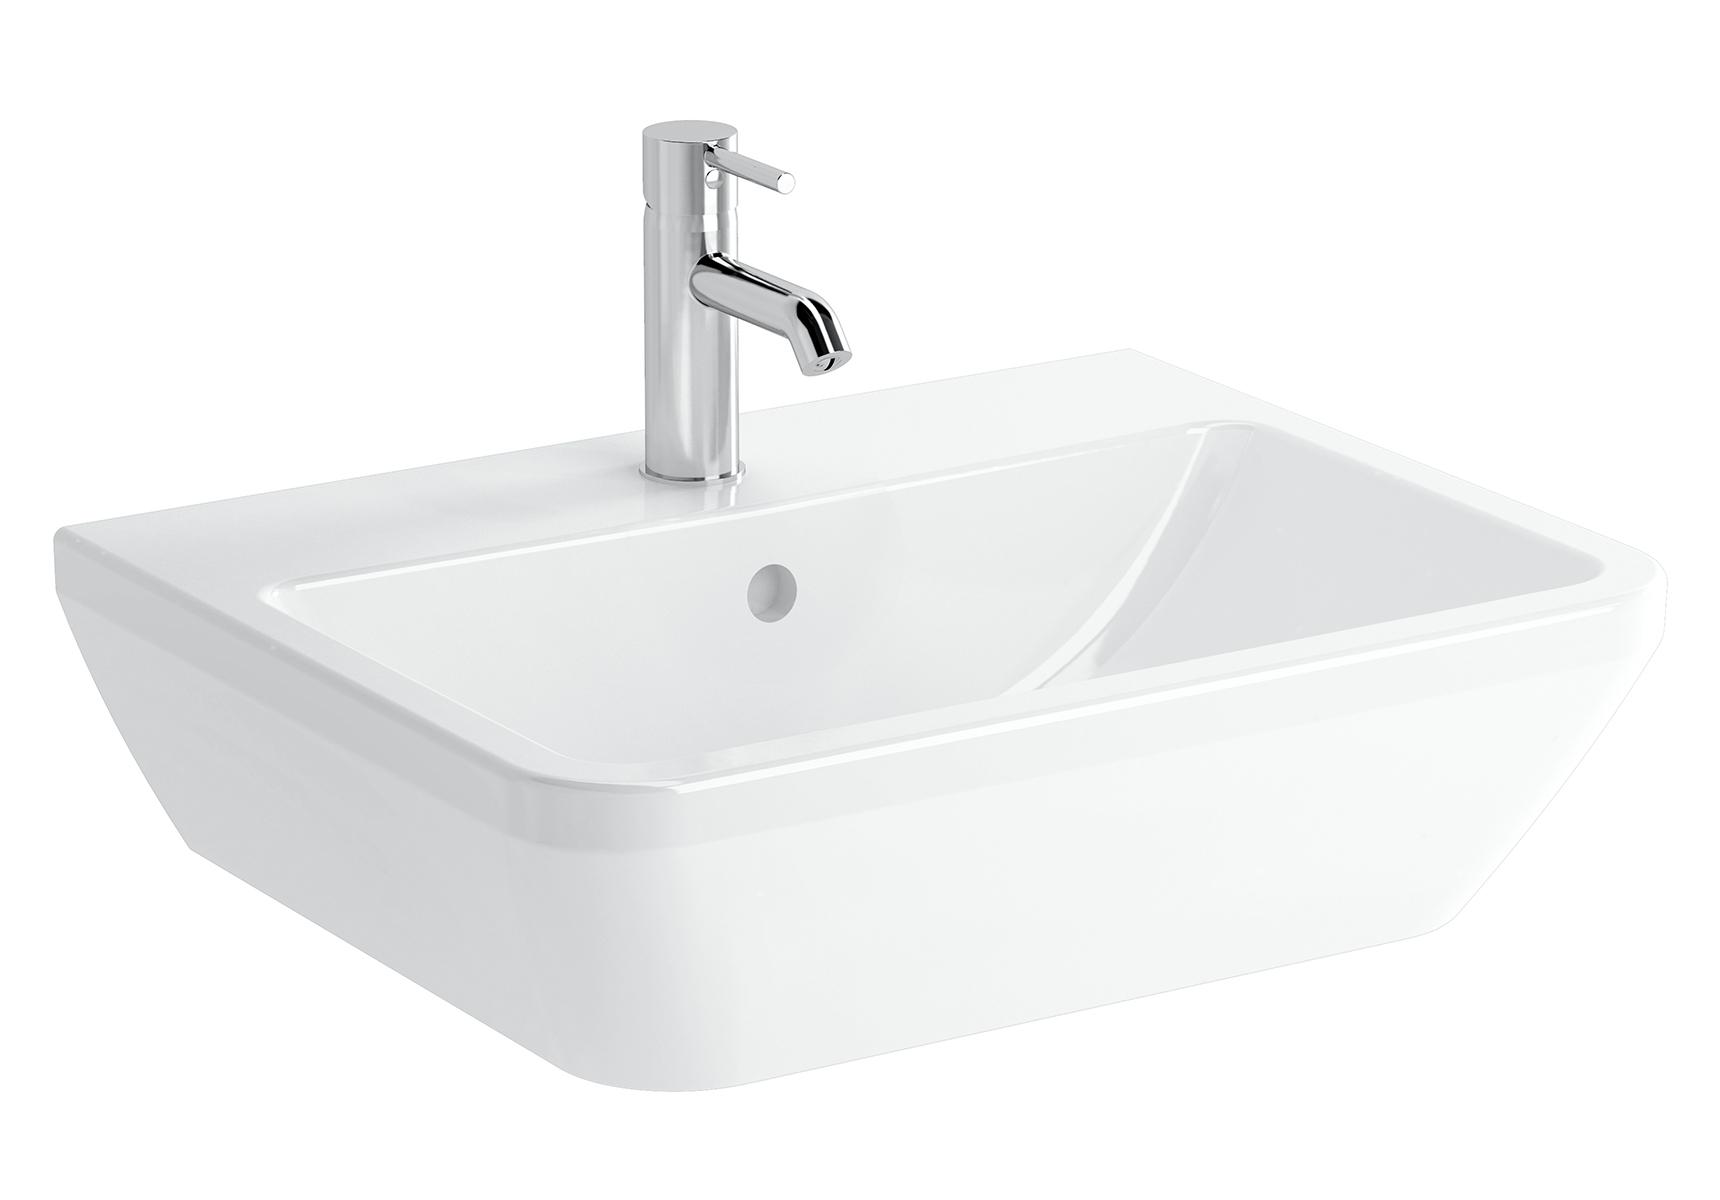 Integra lavabo carré, 60 cm, sans trou de robinet, avec trop-plein